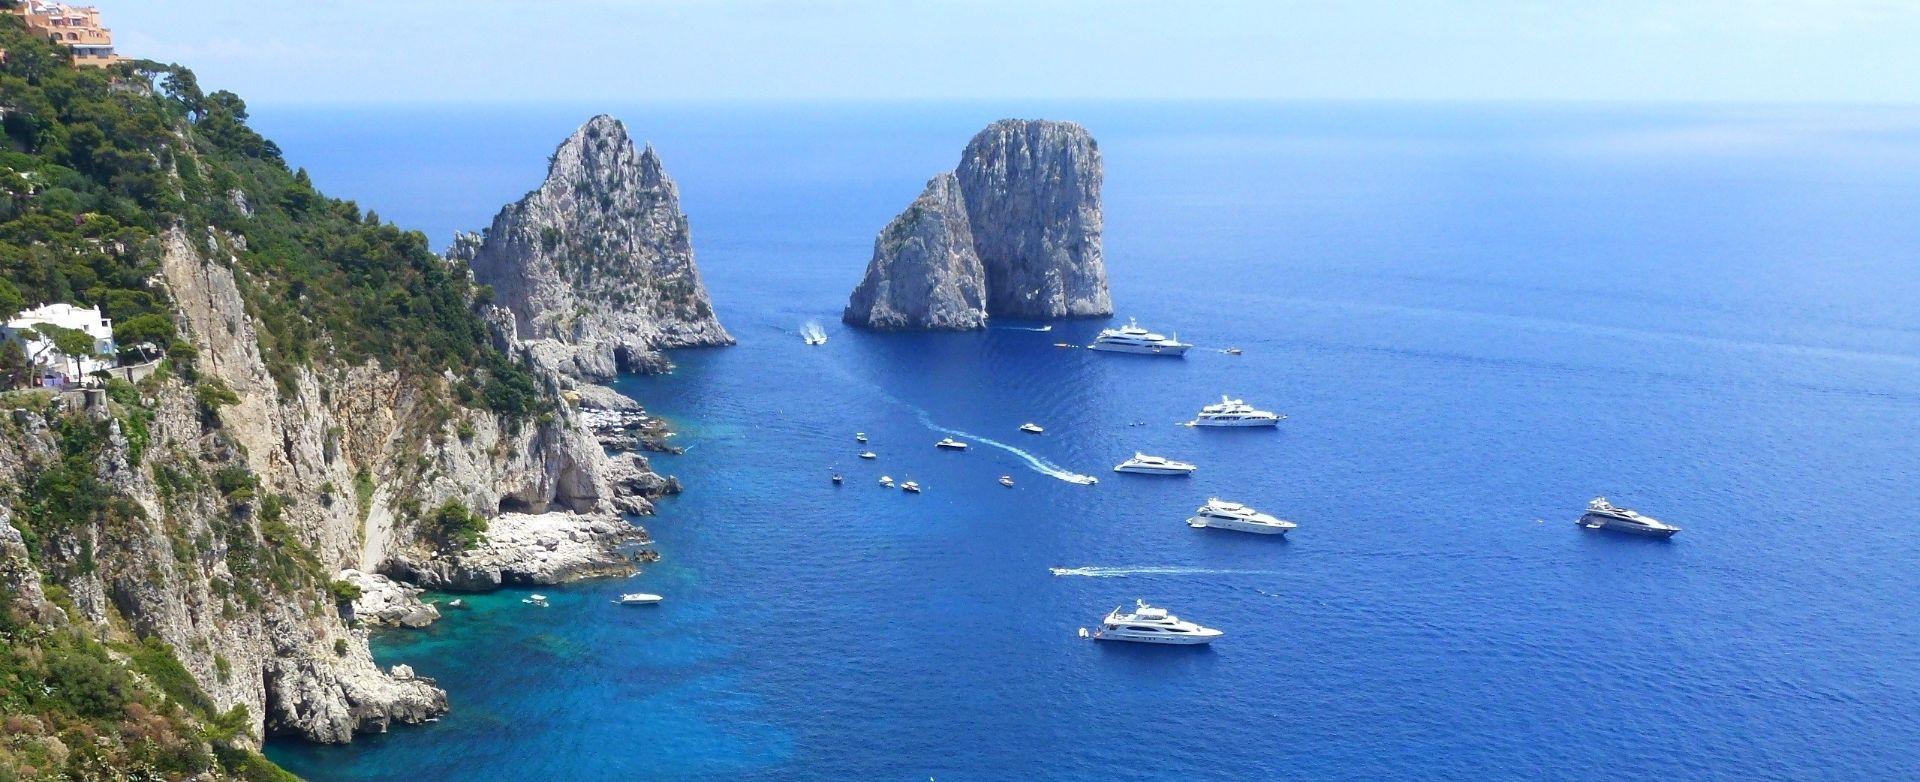 Volo privato in elicottero a Capri